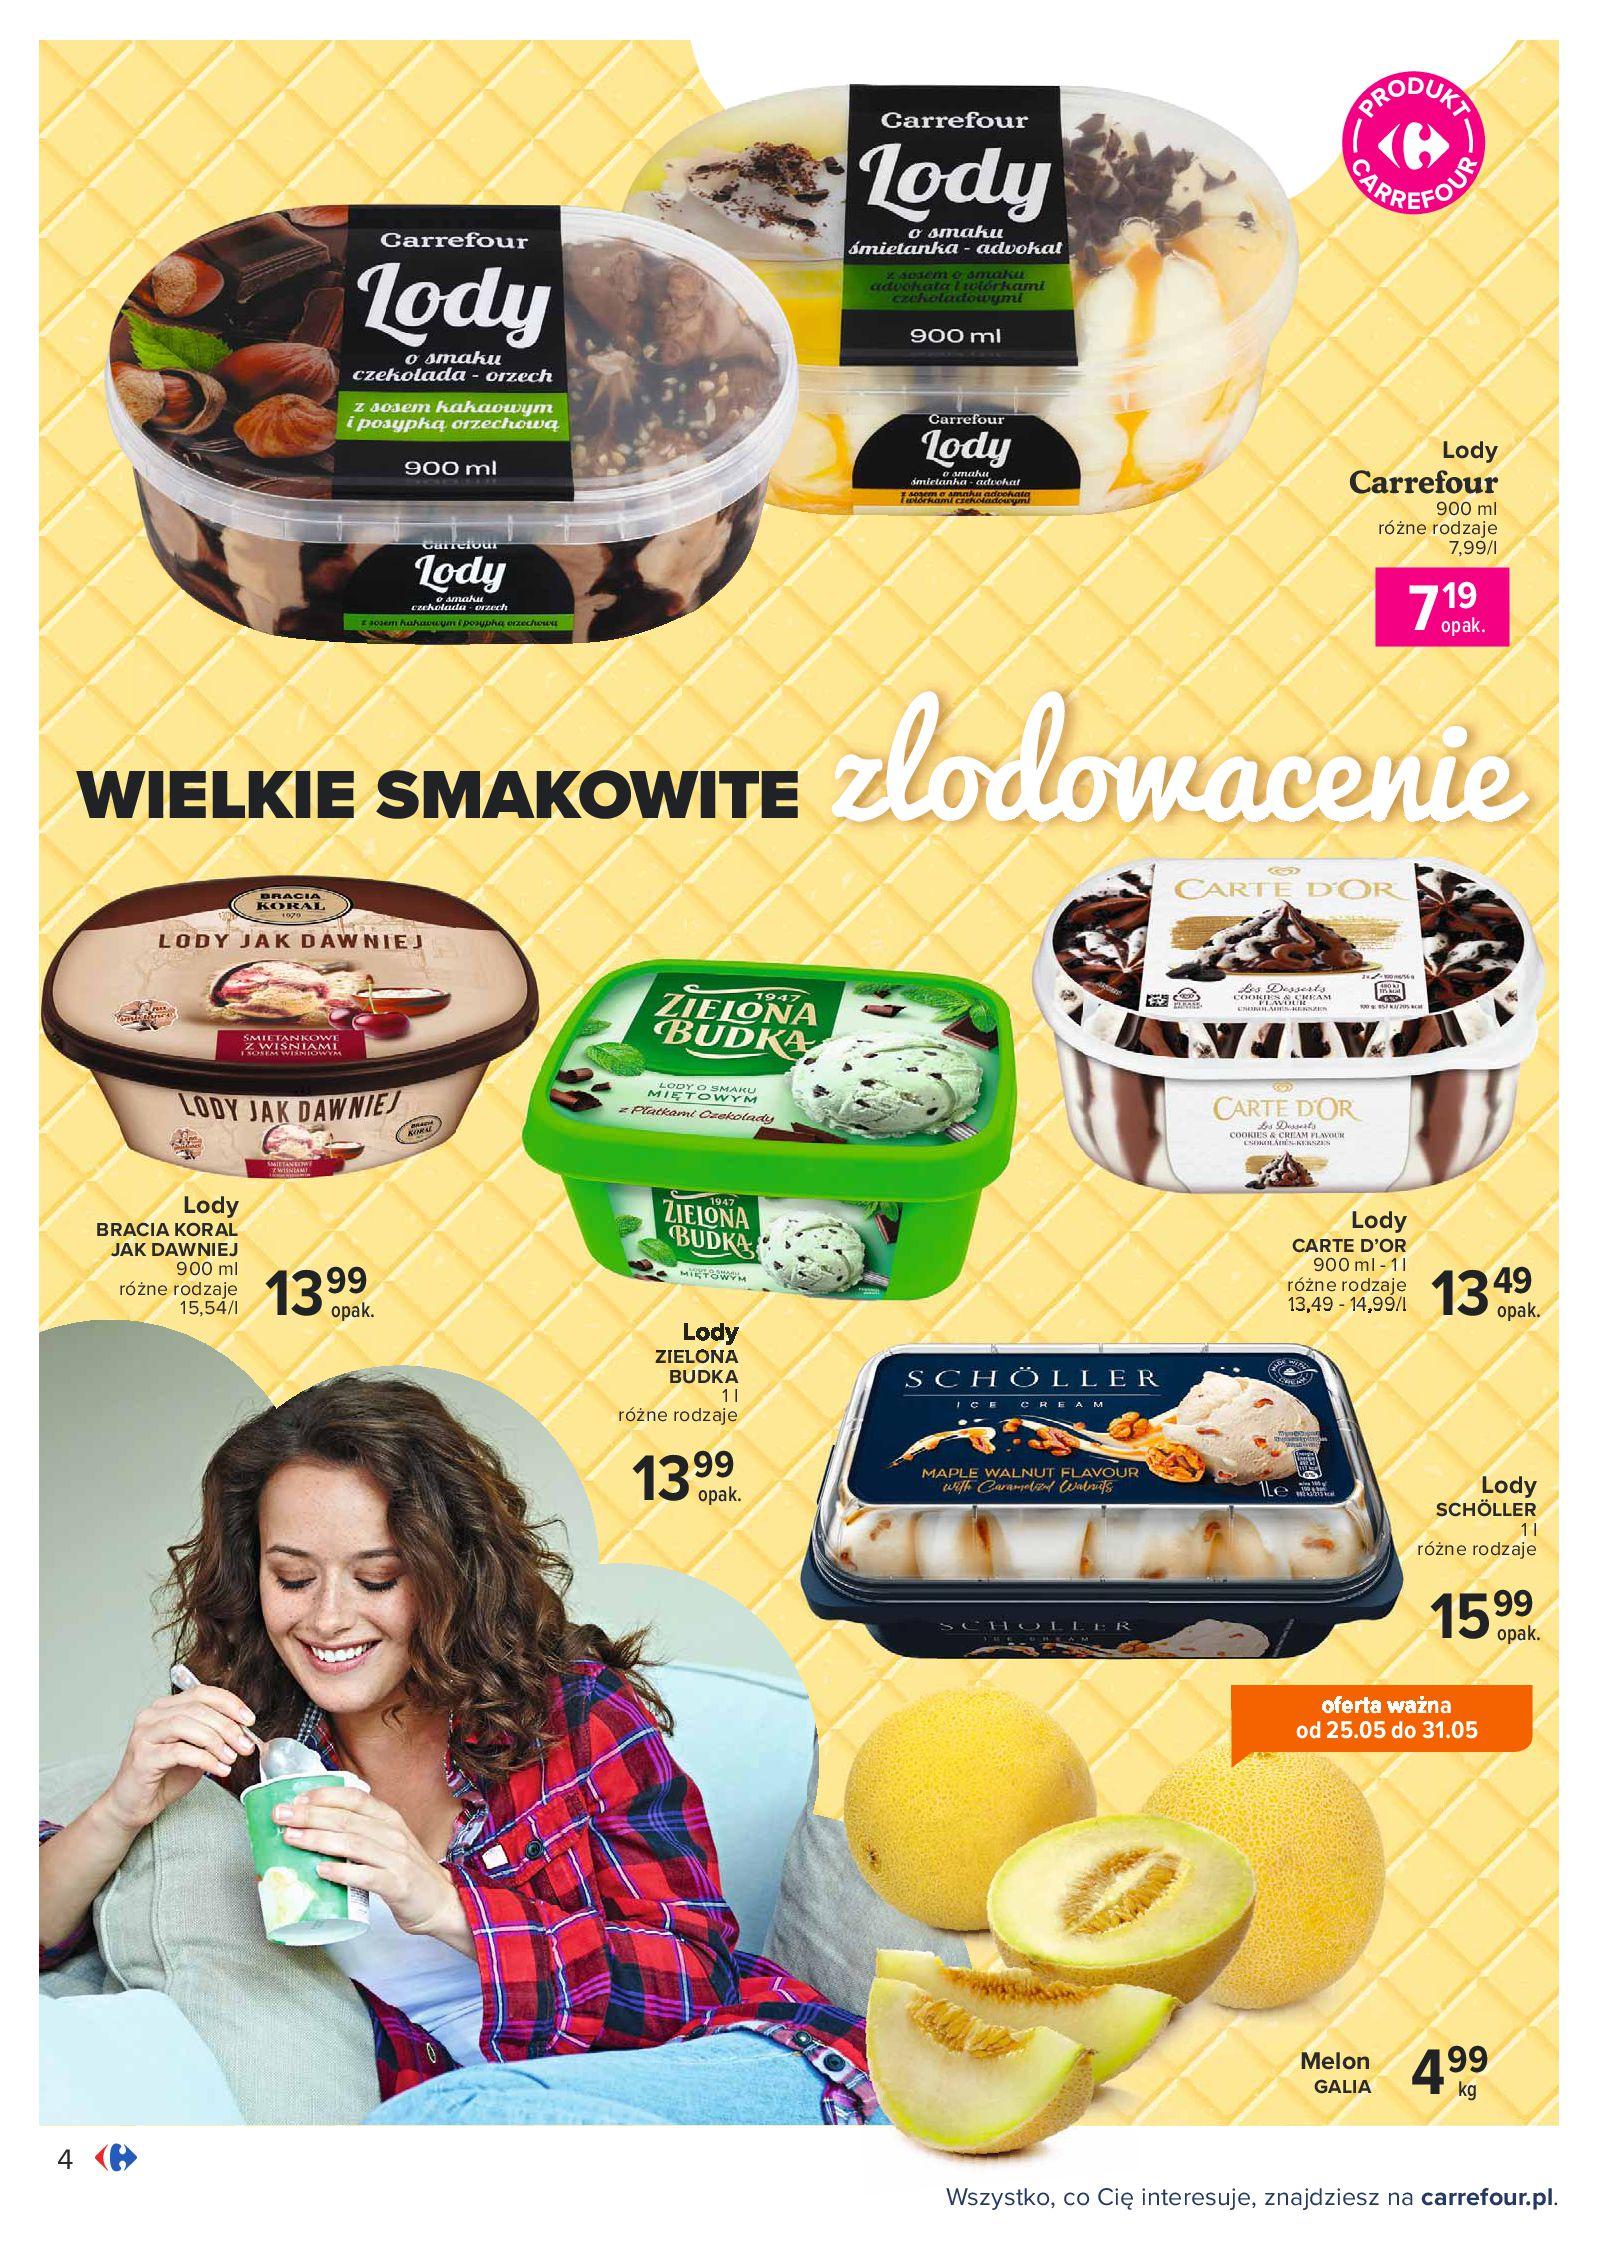 Gazetka Carrefour: Gazetka Carrefour - Wielki wybór lodów 2021-05-25 page-4